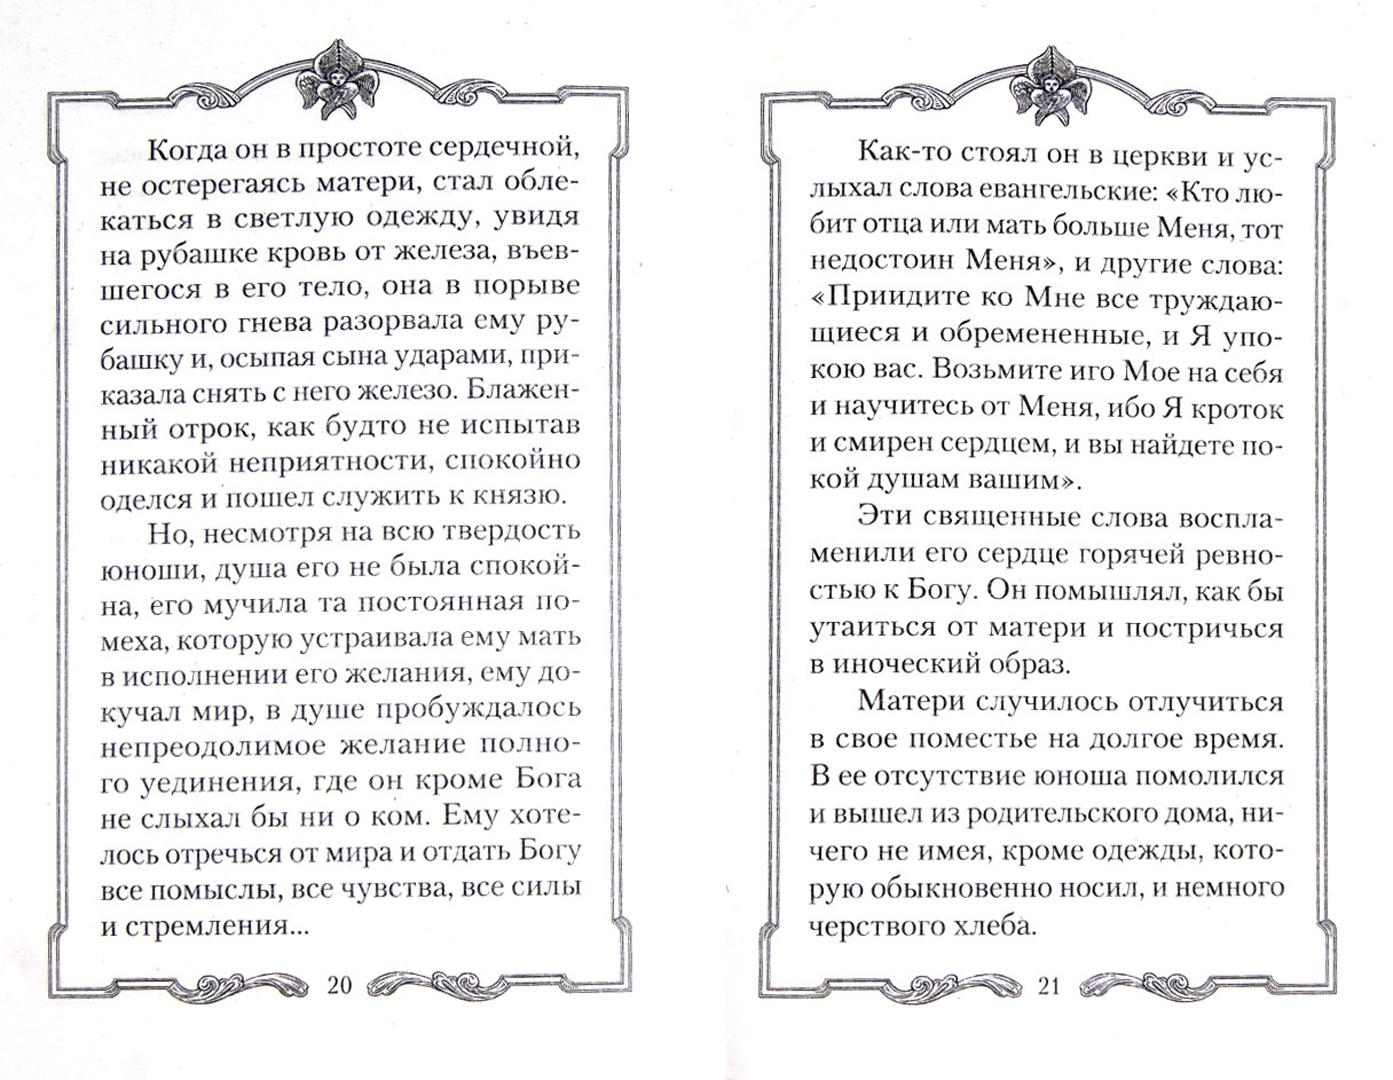 Иллюстрация 1 из 9 для С кого пошло русское монашество. юность преподобного Феодосия - Е. Поселянин | Лабиринт - книги. Источник: Лабиринт